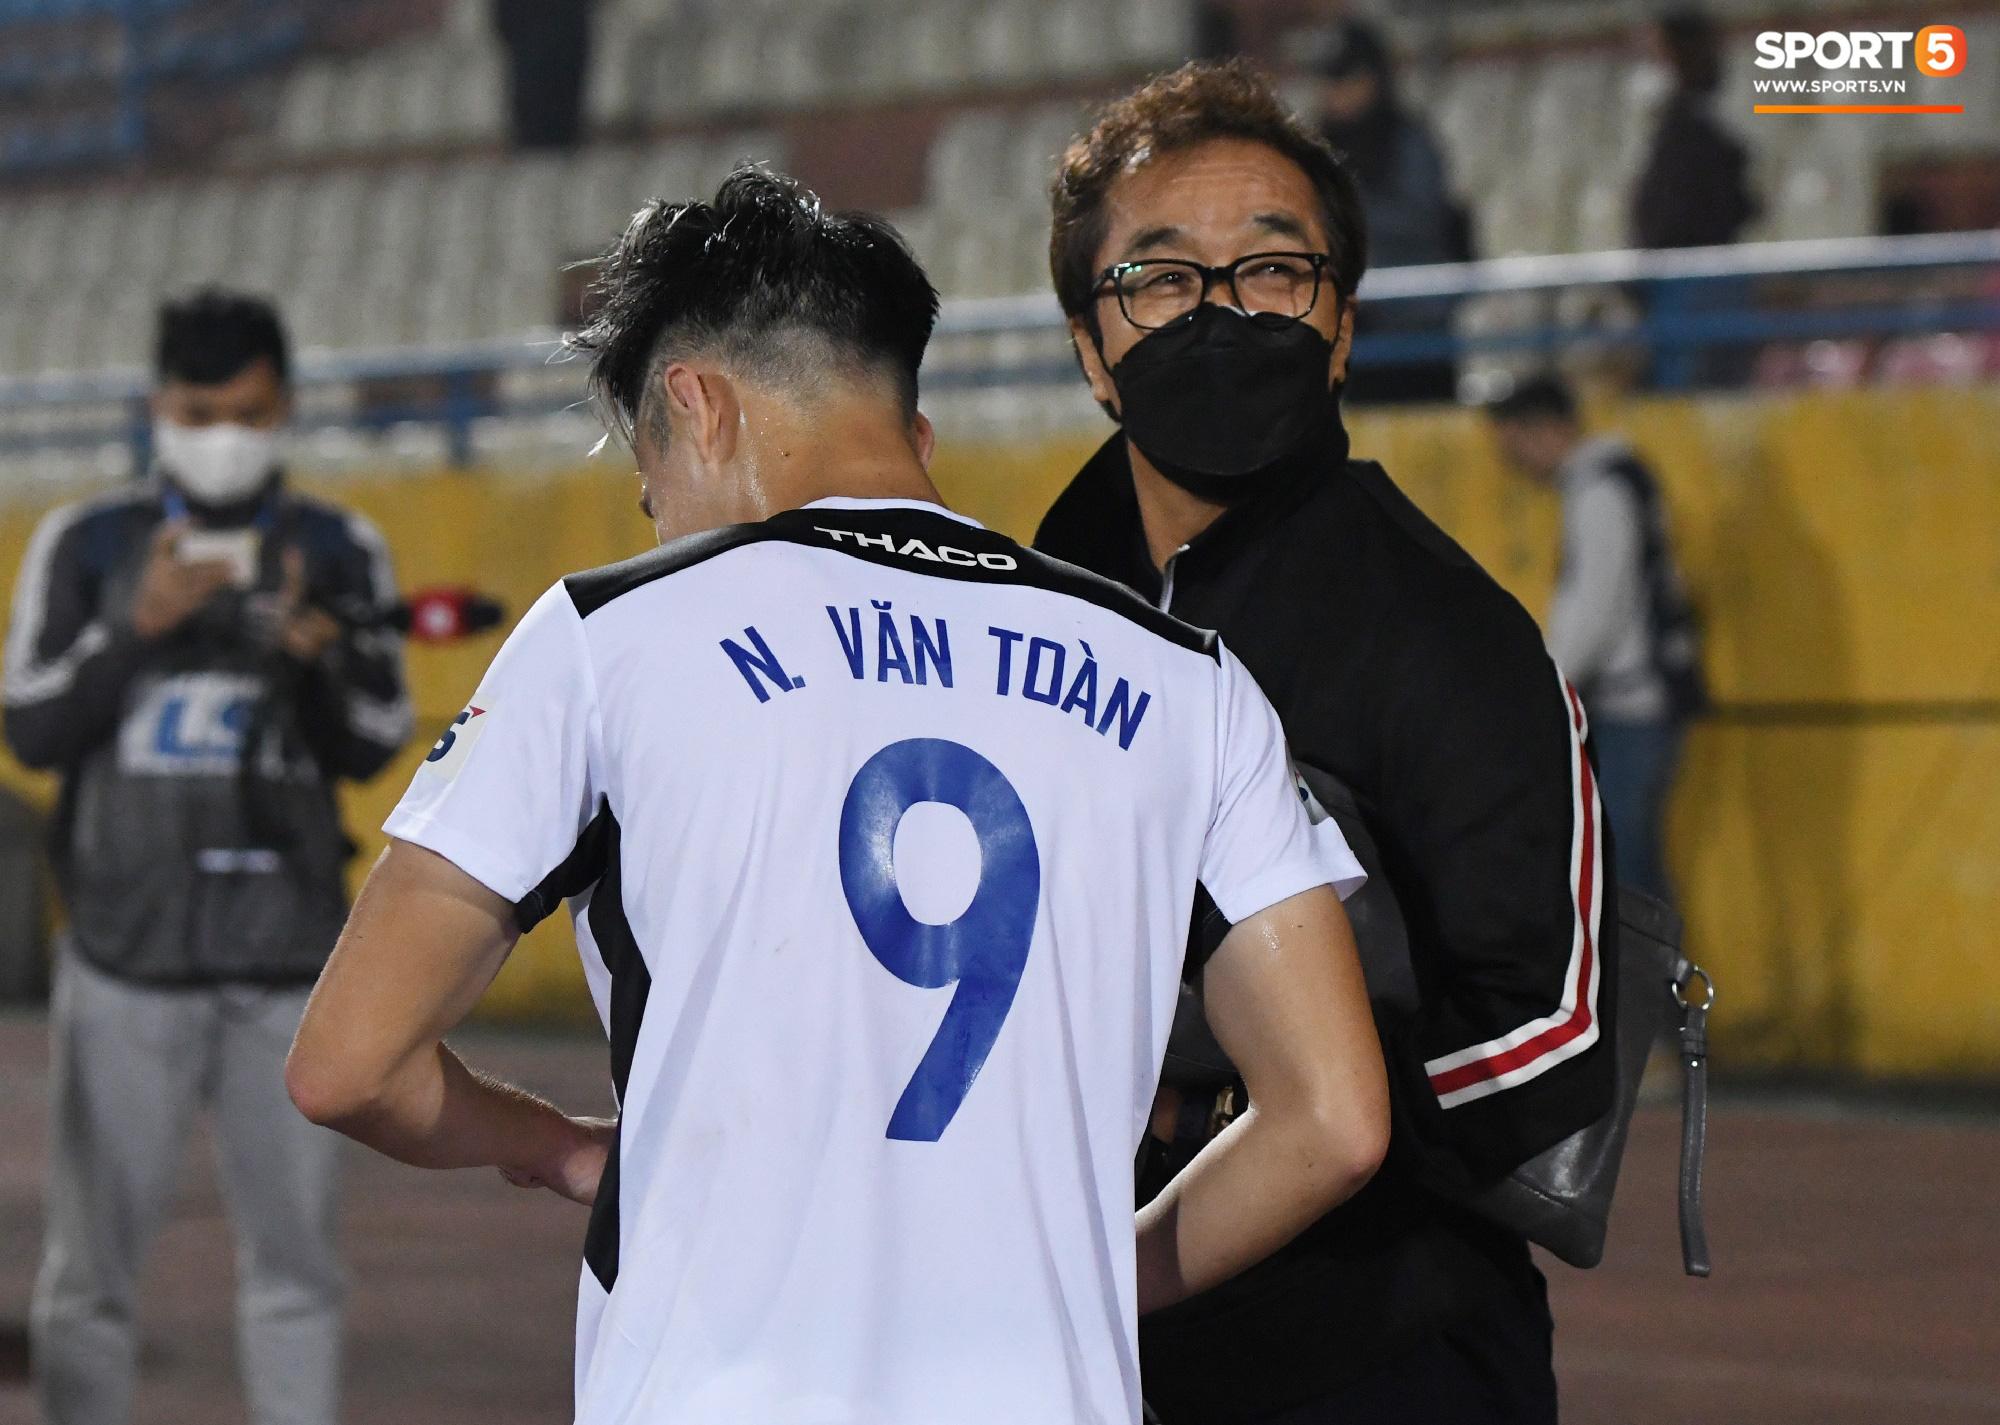 """Nhận là """"con trai"""" trợ lý Lee Young-jin, Văn Toàn bị dọa cho chạy 25 vòng làm mẫu khi lên ĐTQG - Ảnh 3."""